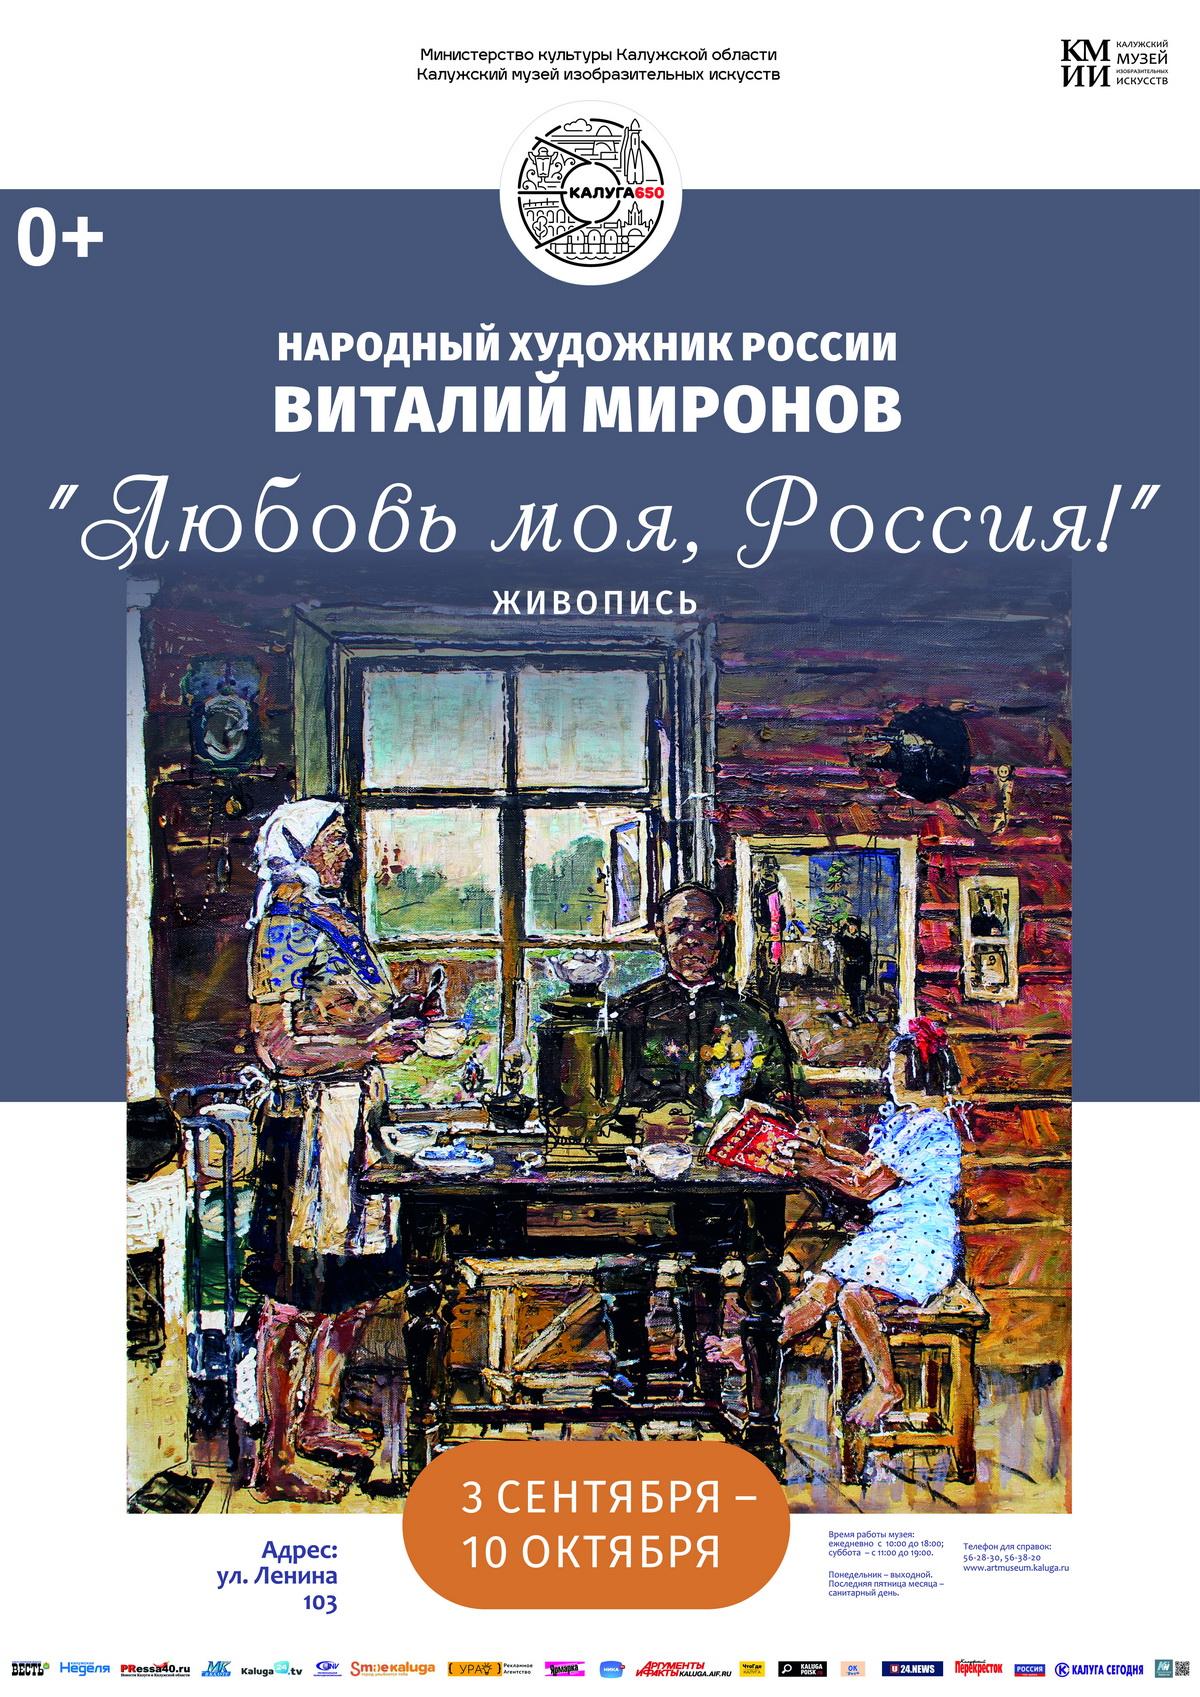 Выставка Народного художника России Виталия Миронова «Любовь моя, Россия!» 0+